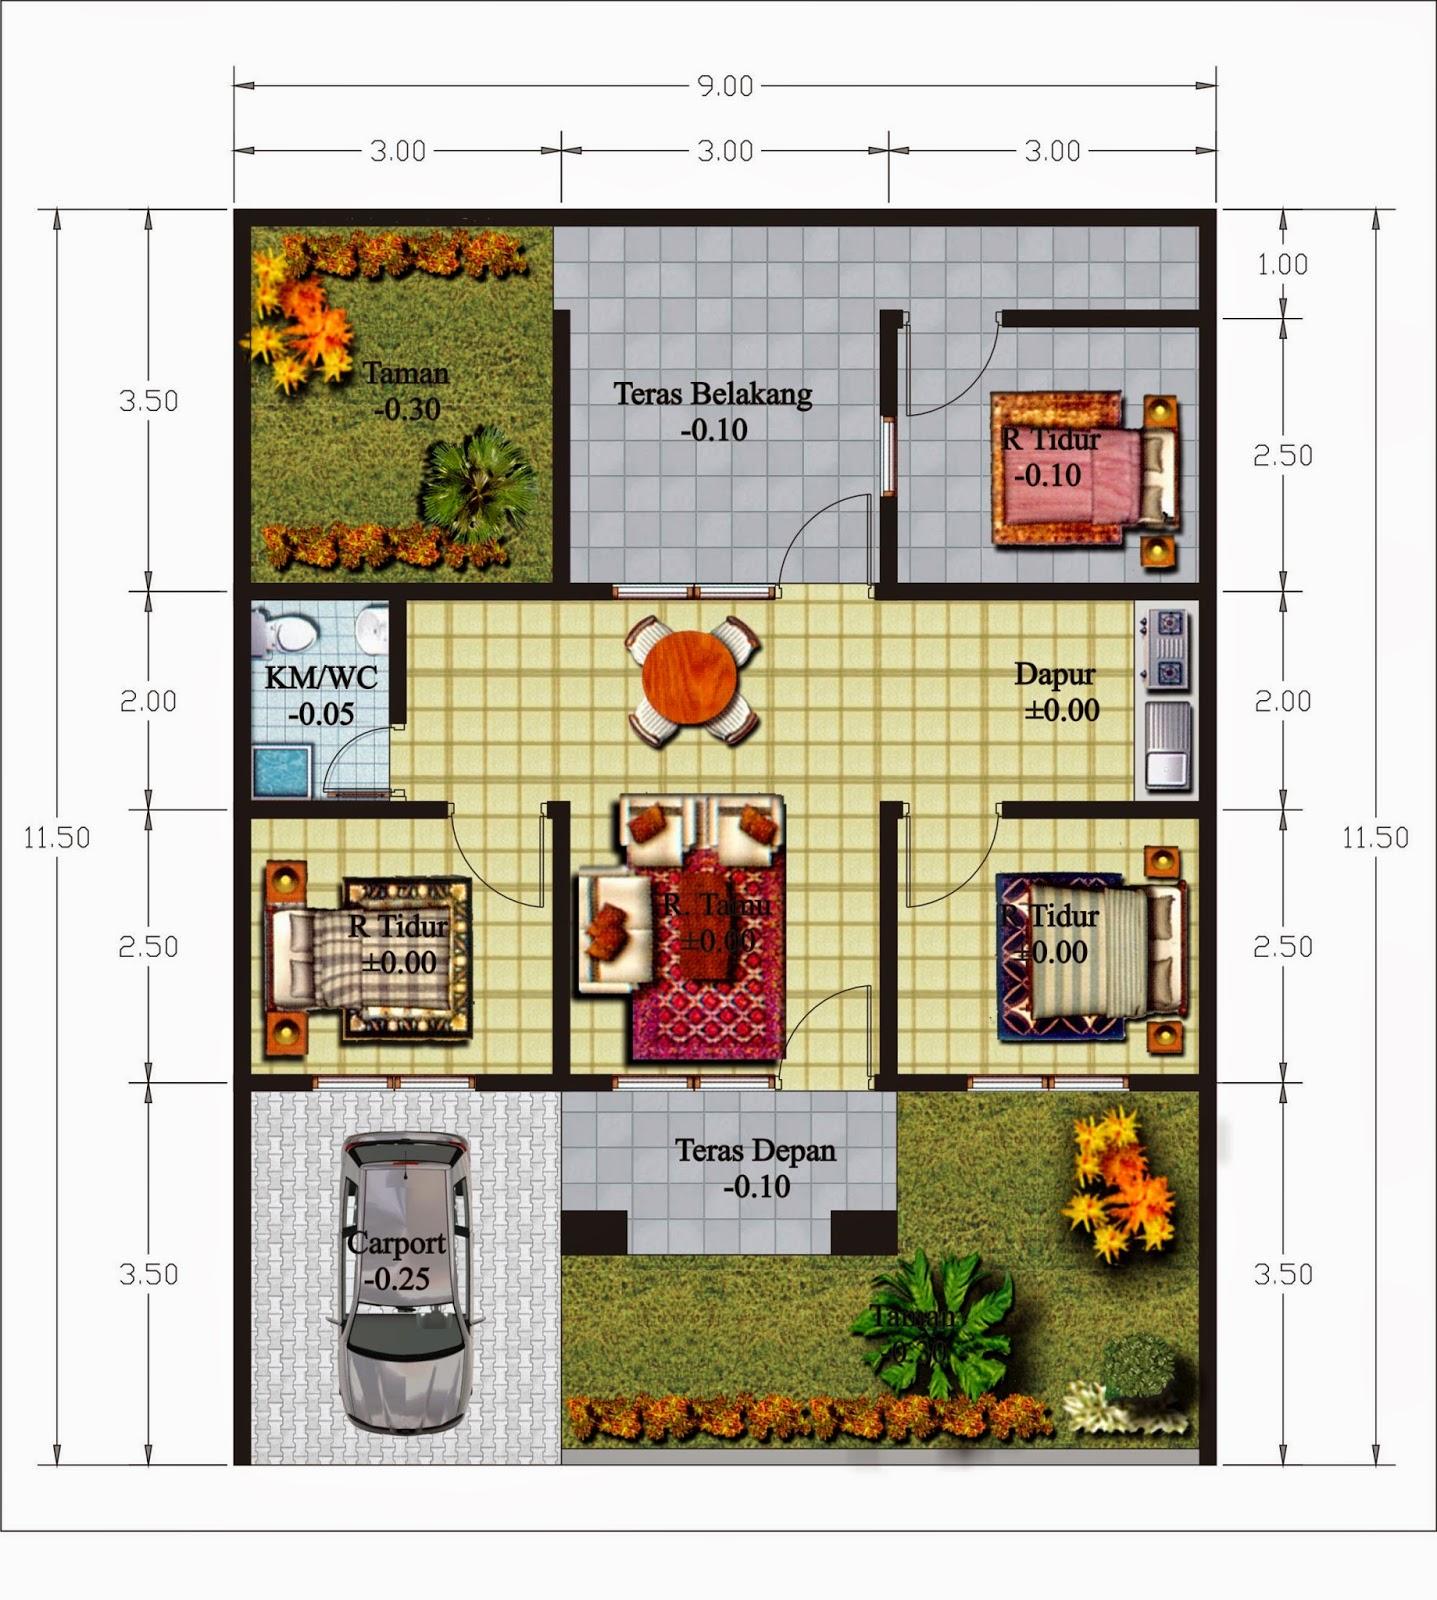 Gambar Denah Rumah Minimalis 1 Lantai Modern Desain Denah Rumah